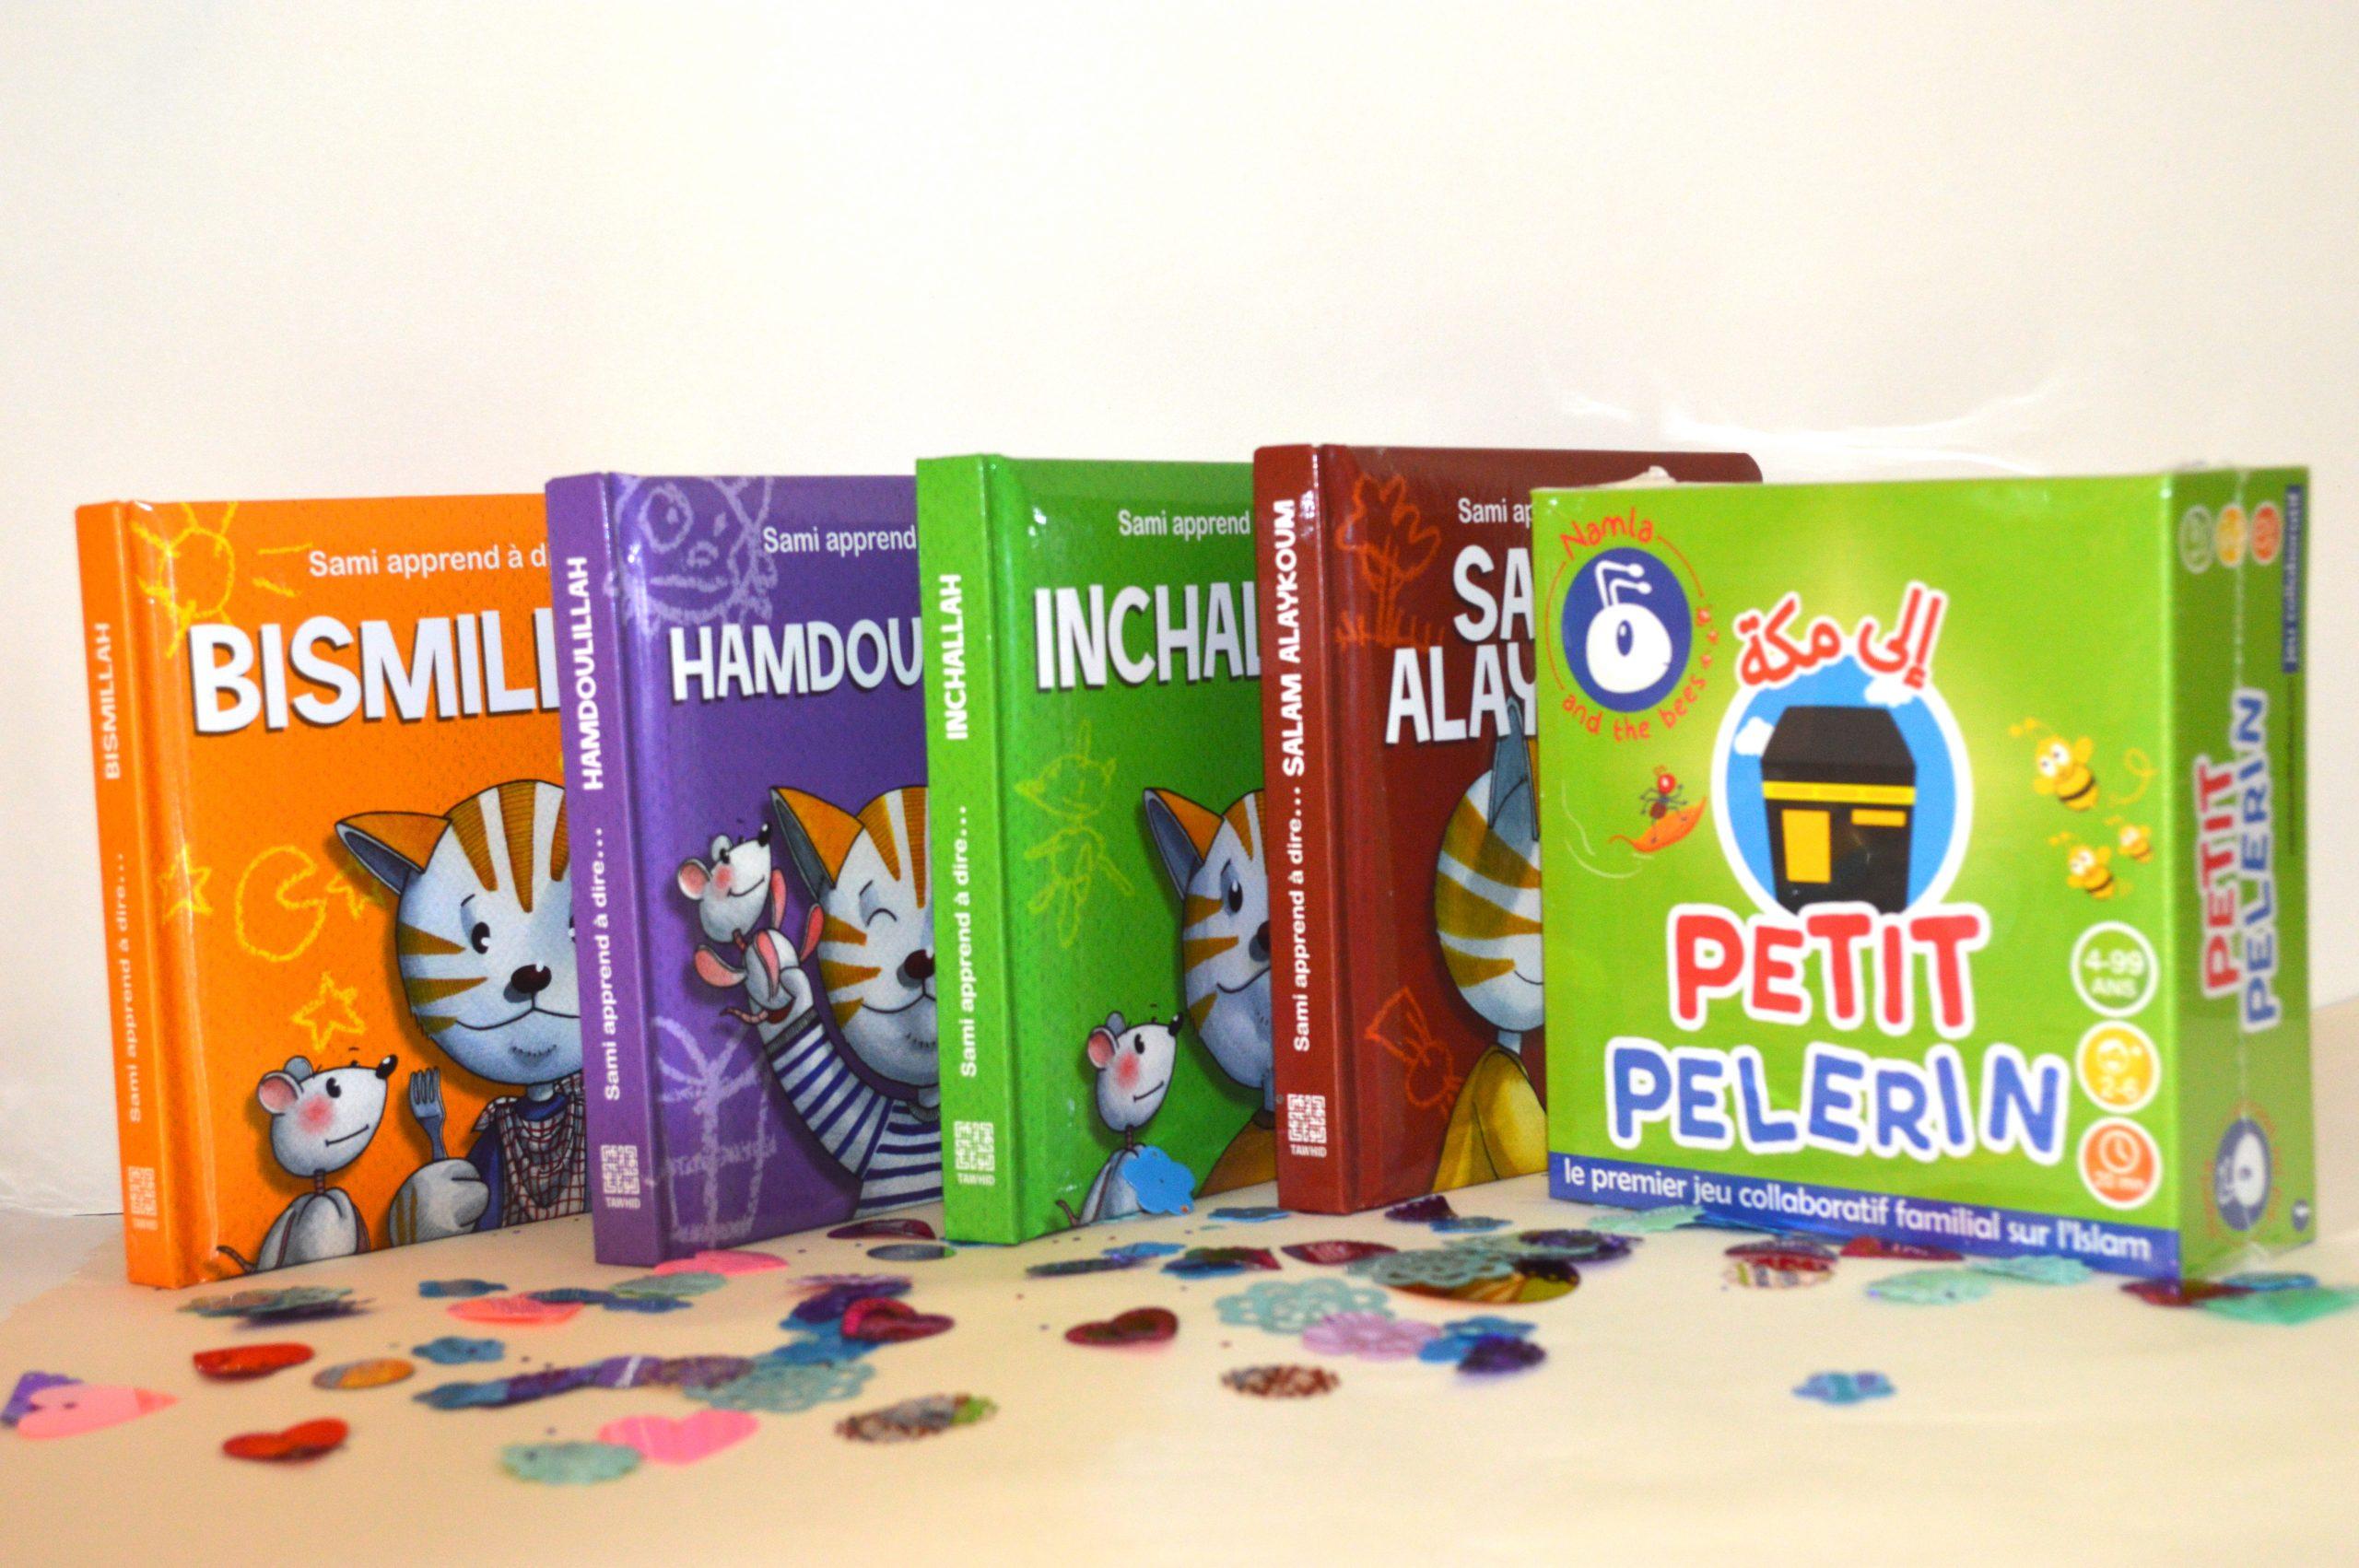 Coffret Enfant Islam 2-7 Ans - Jeu Petit Petit Pèlerin Et Collections De  Livres Pour Enfant Sami avec Jeu Pour Petit Garcon De 2 Ans